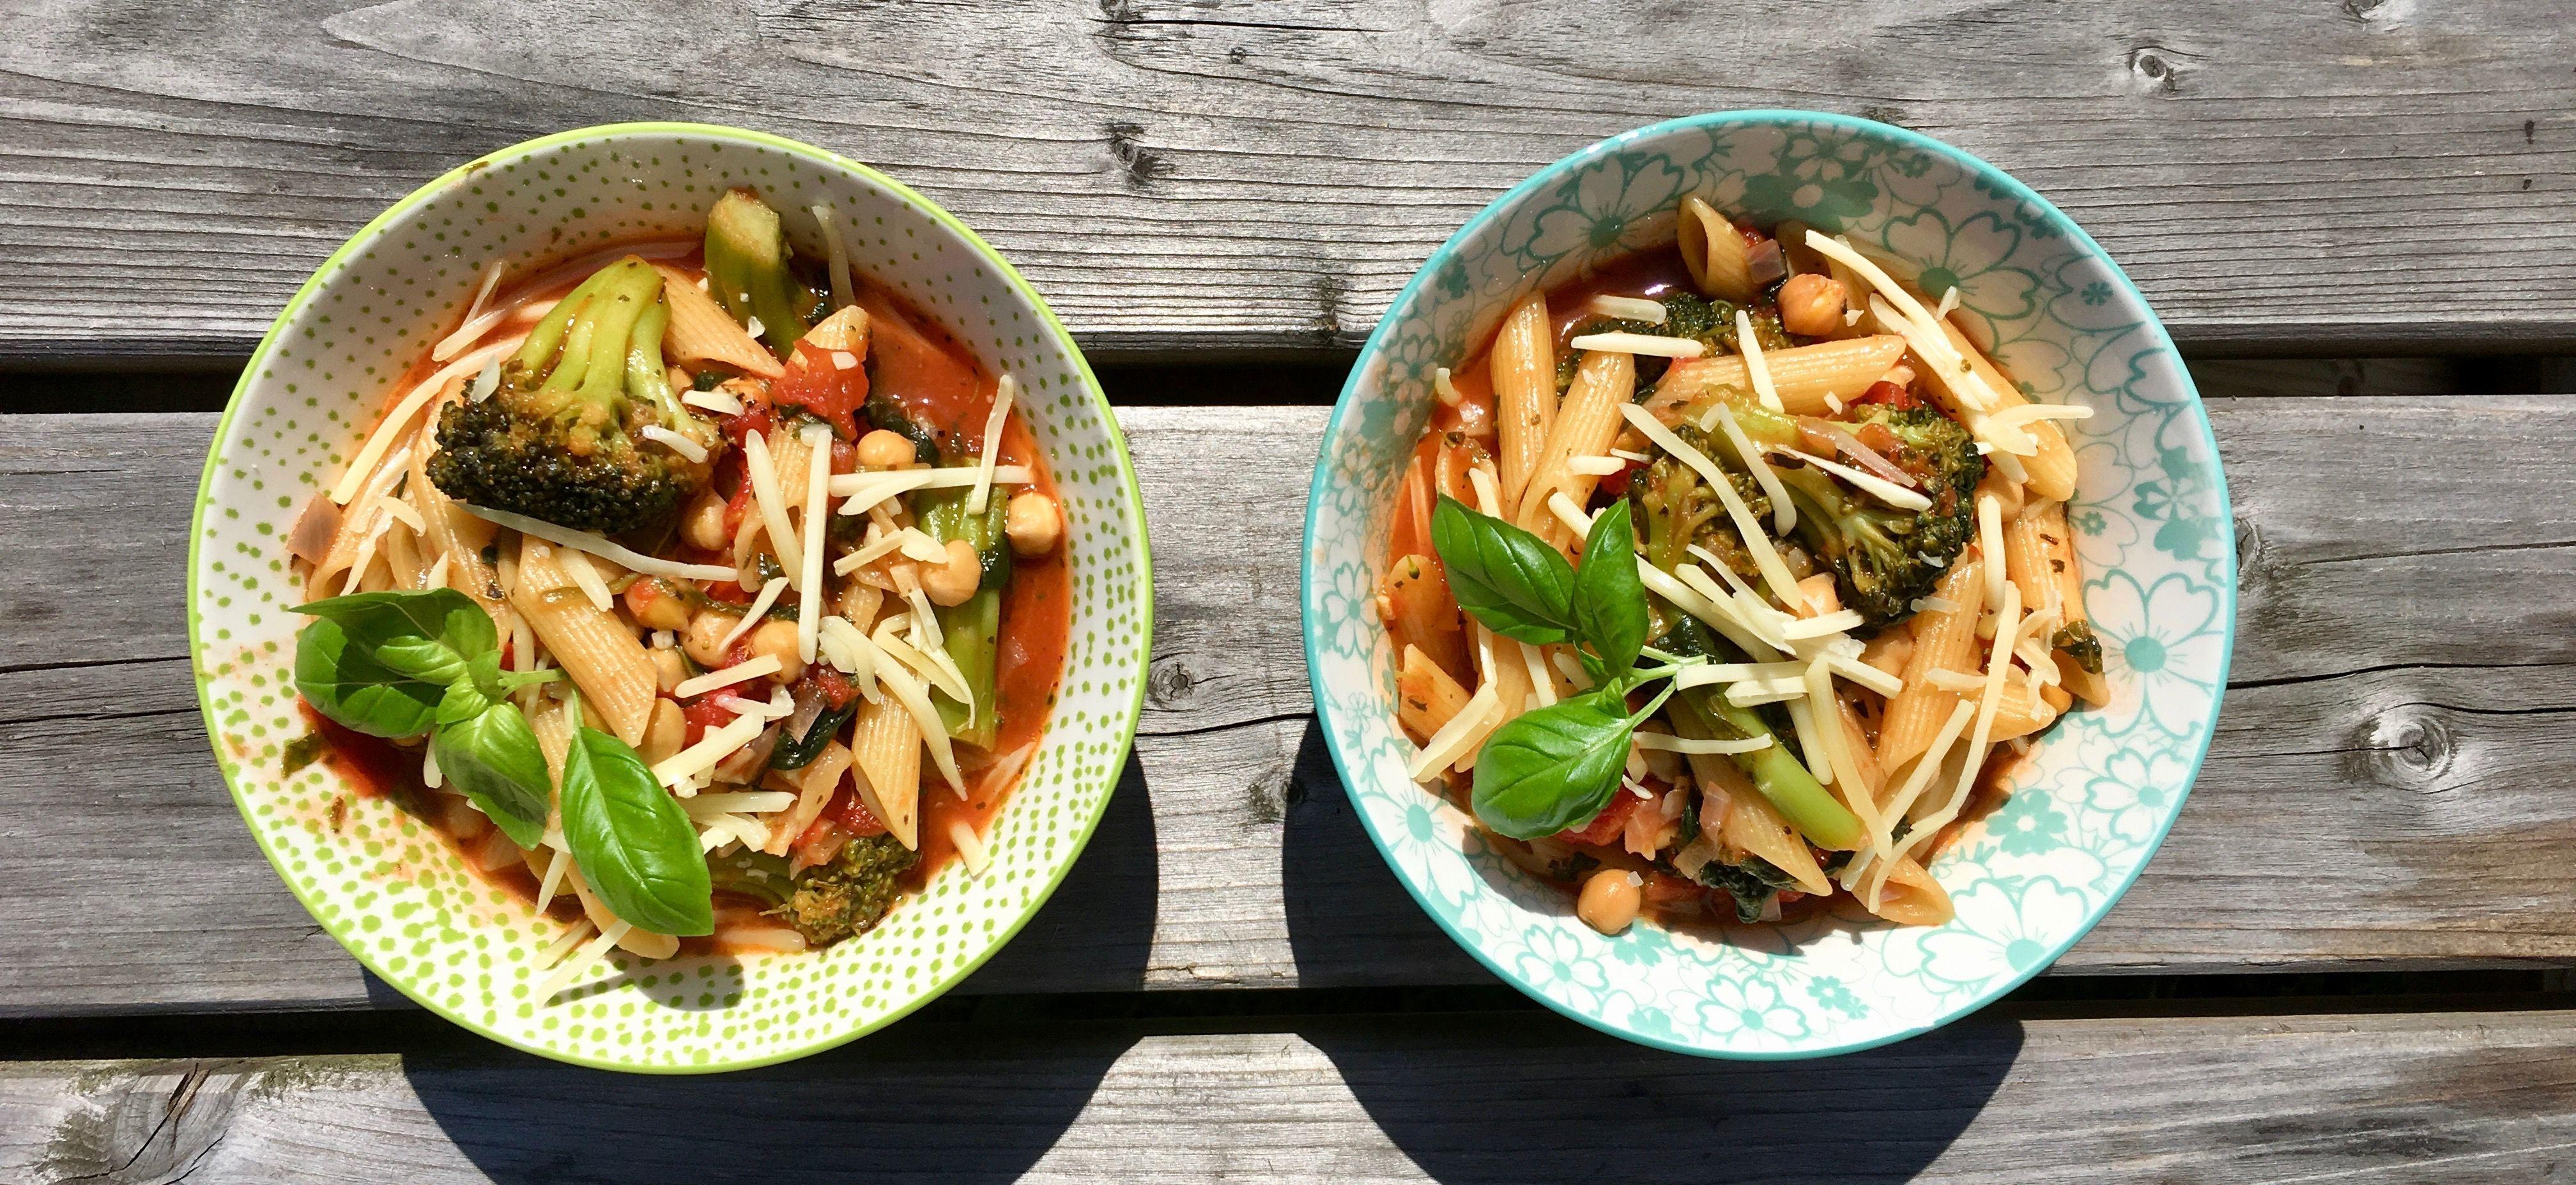 Recept: one pot superpasta (100% bio) - I ♥ Eco